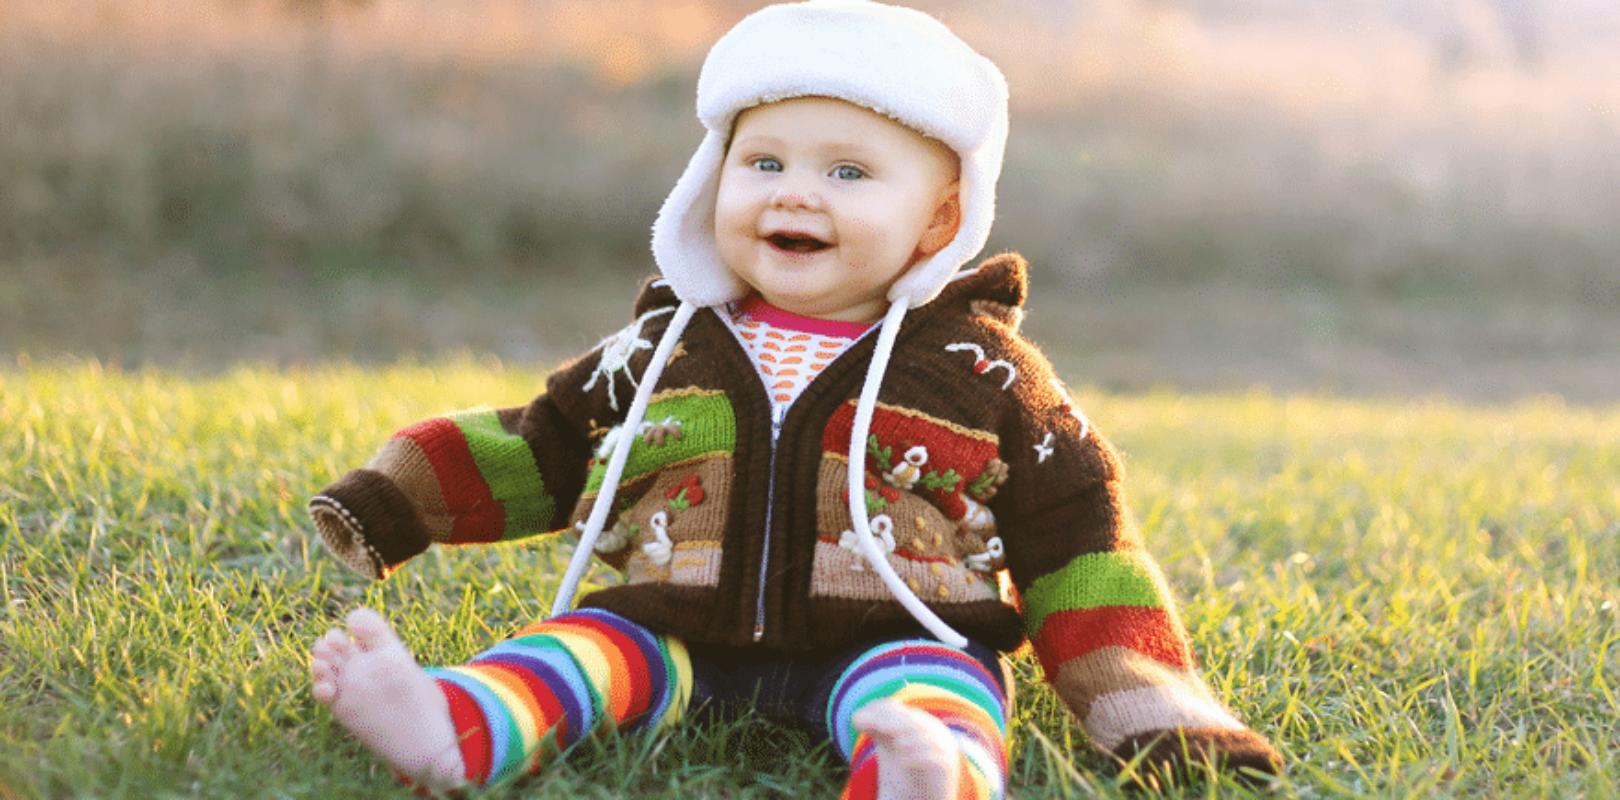 Bild eines Baby im achten Monat